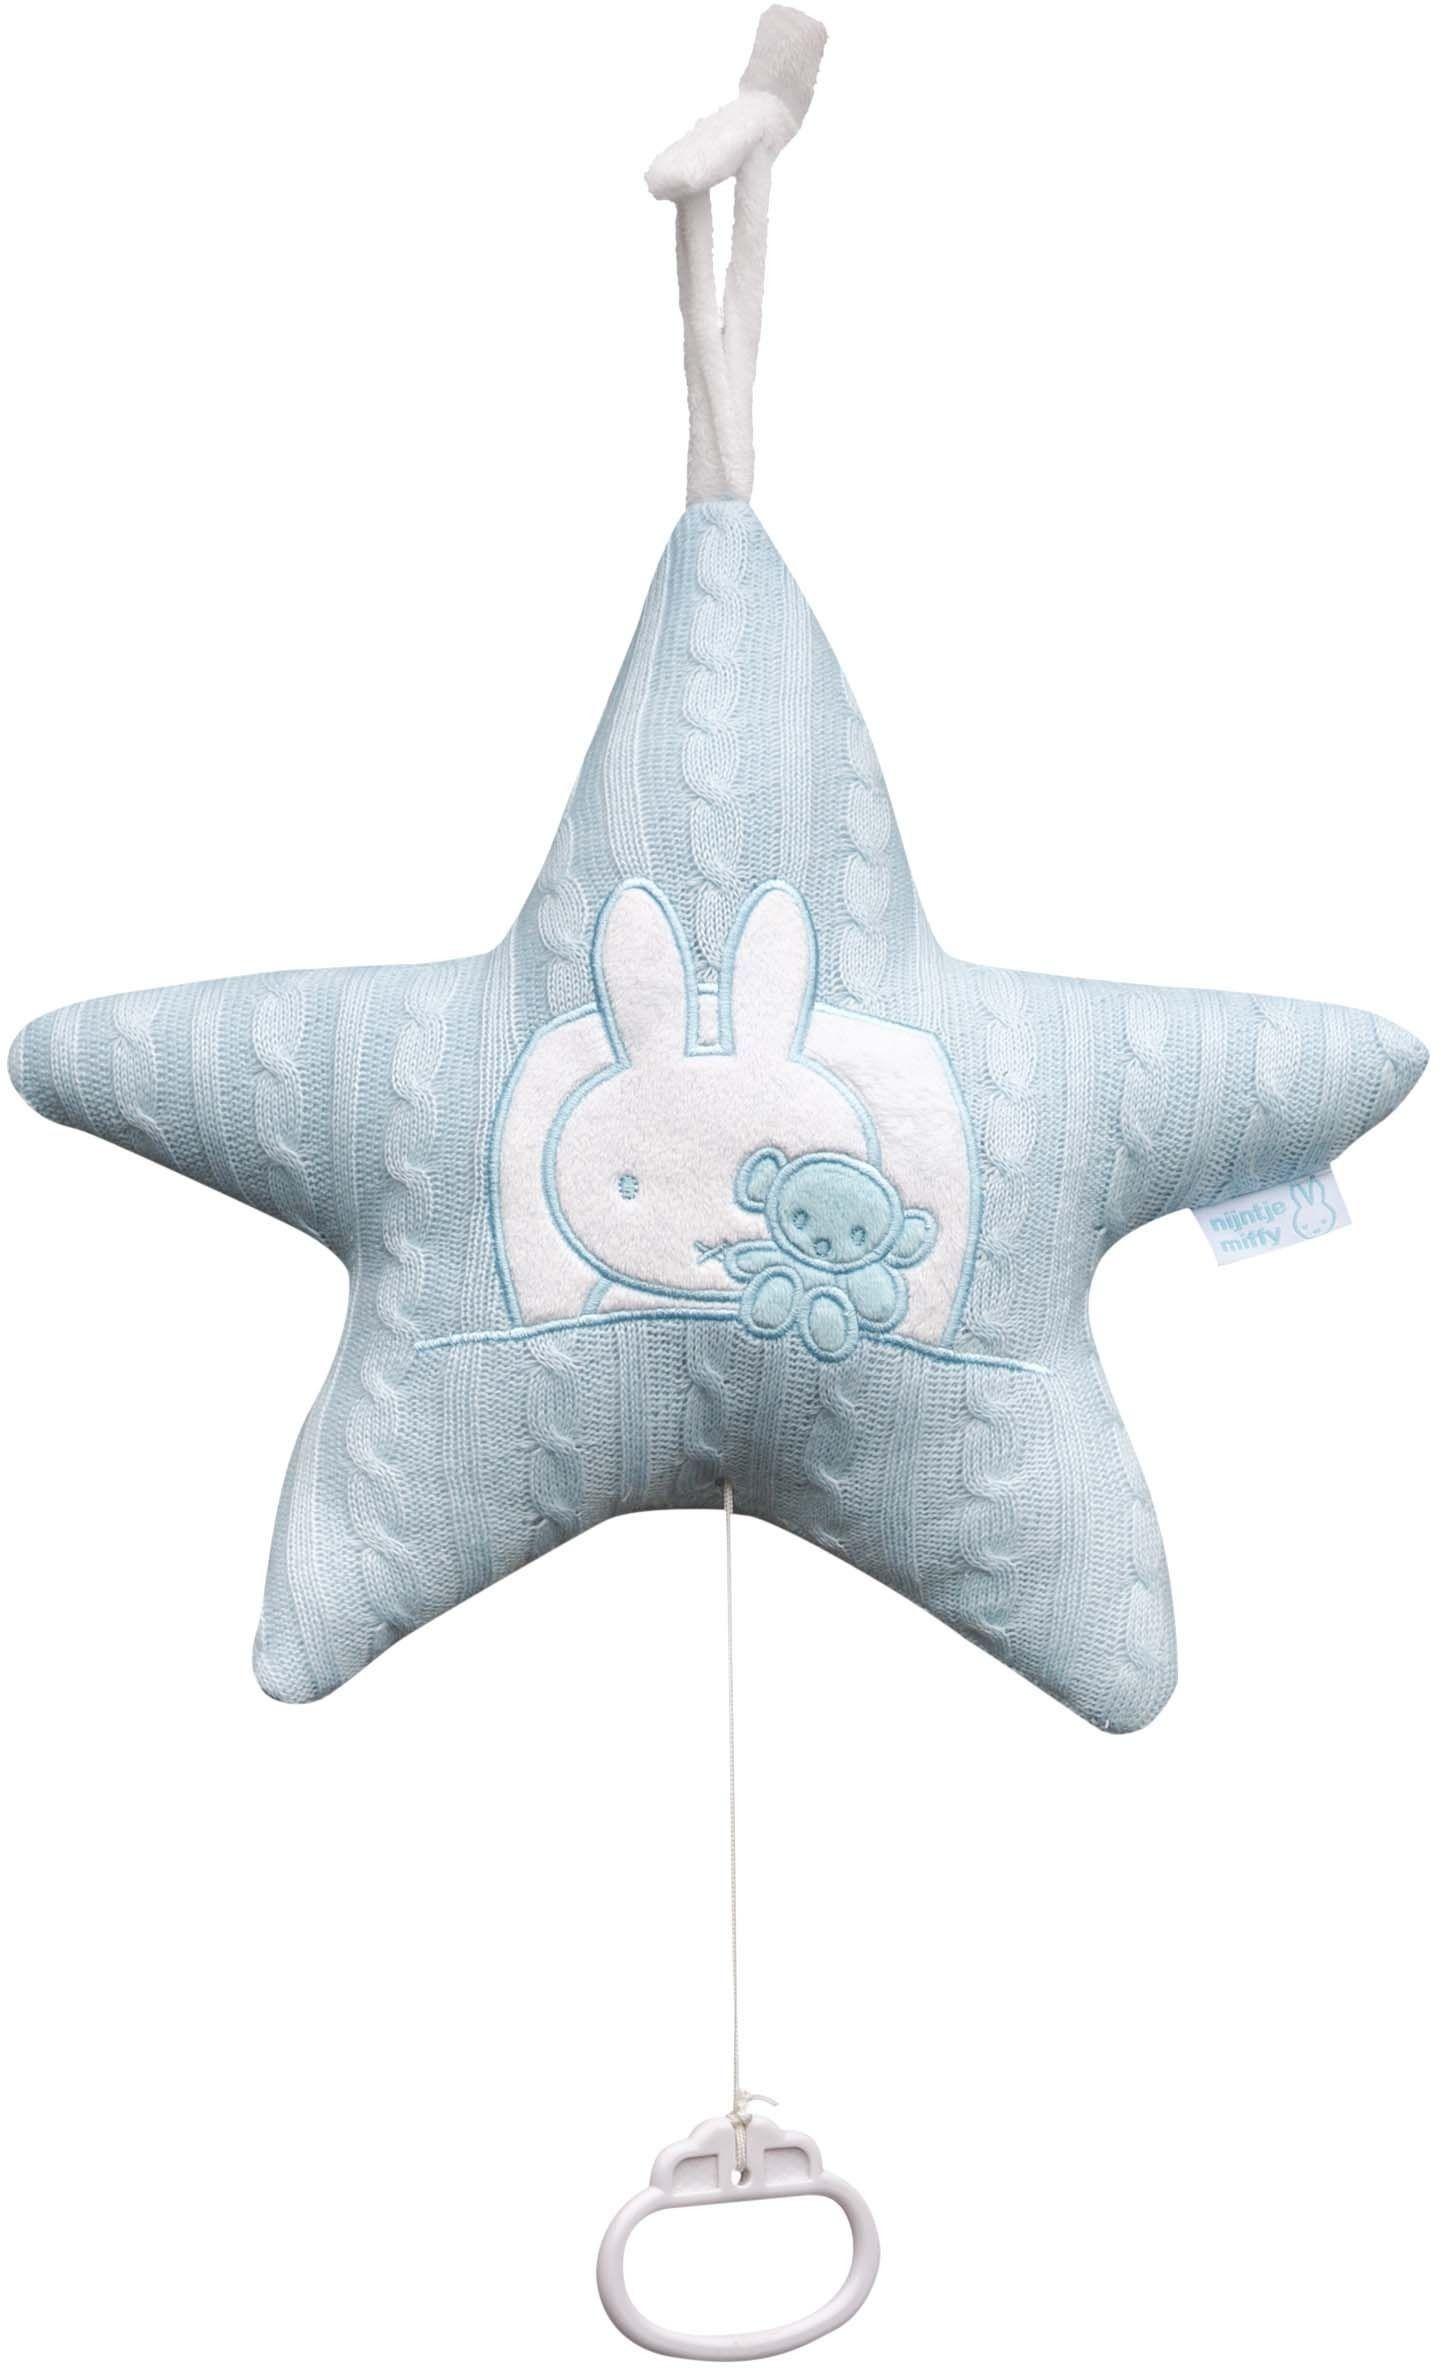 9fb498fe6ece72 Muziekdoosje in de vorm van een ster van nijntje. Deze gebreide ster is  blauw en